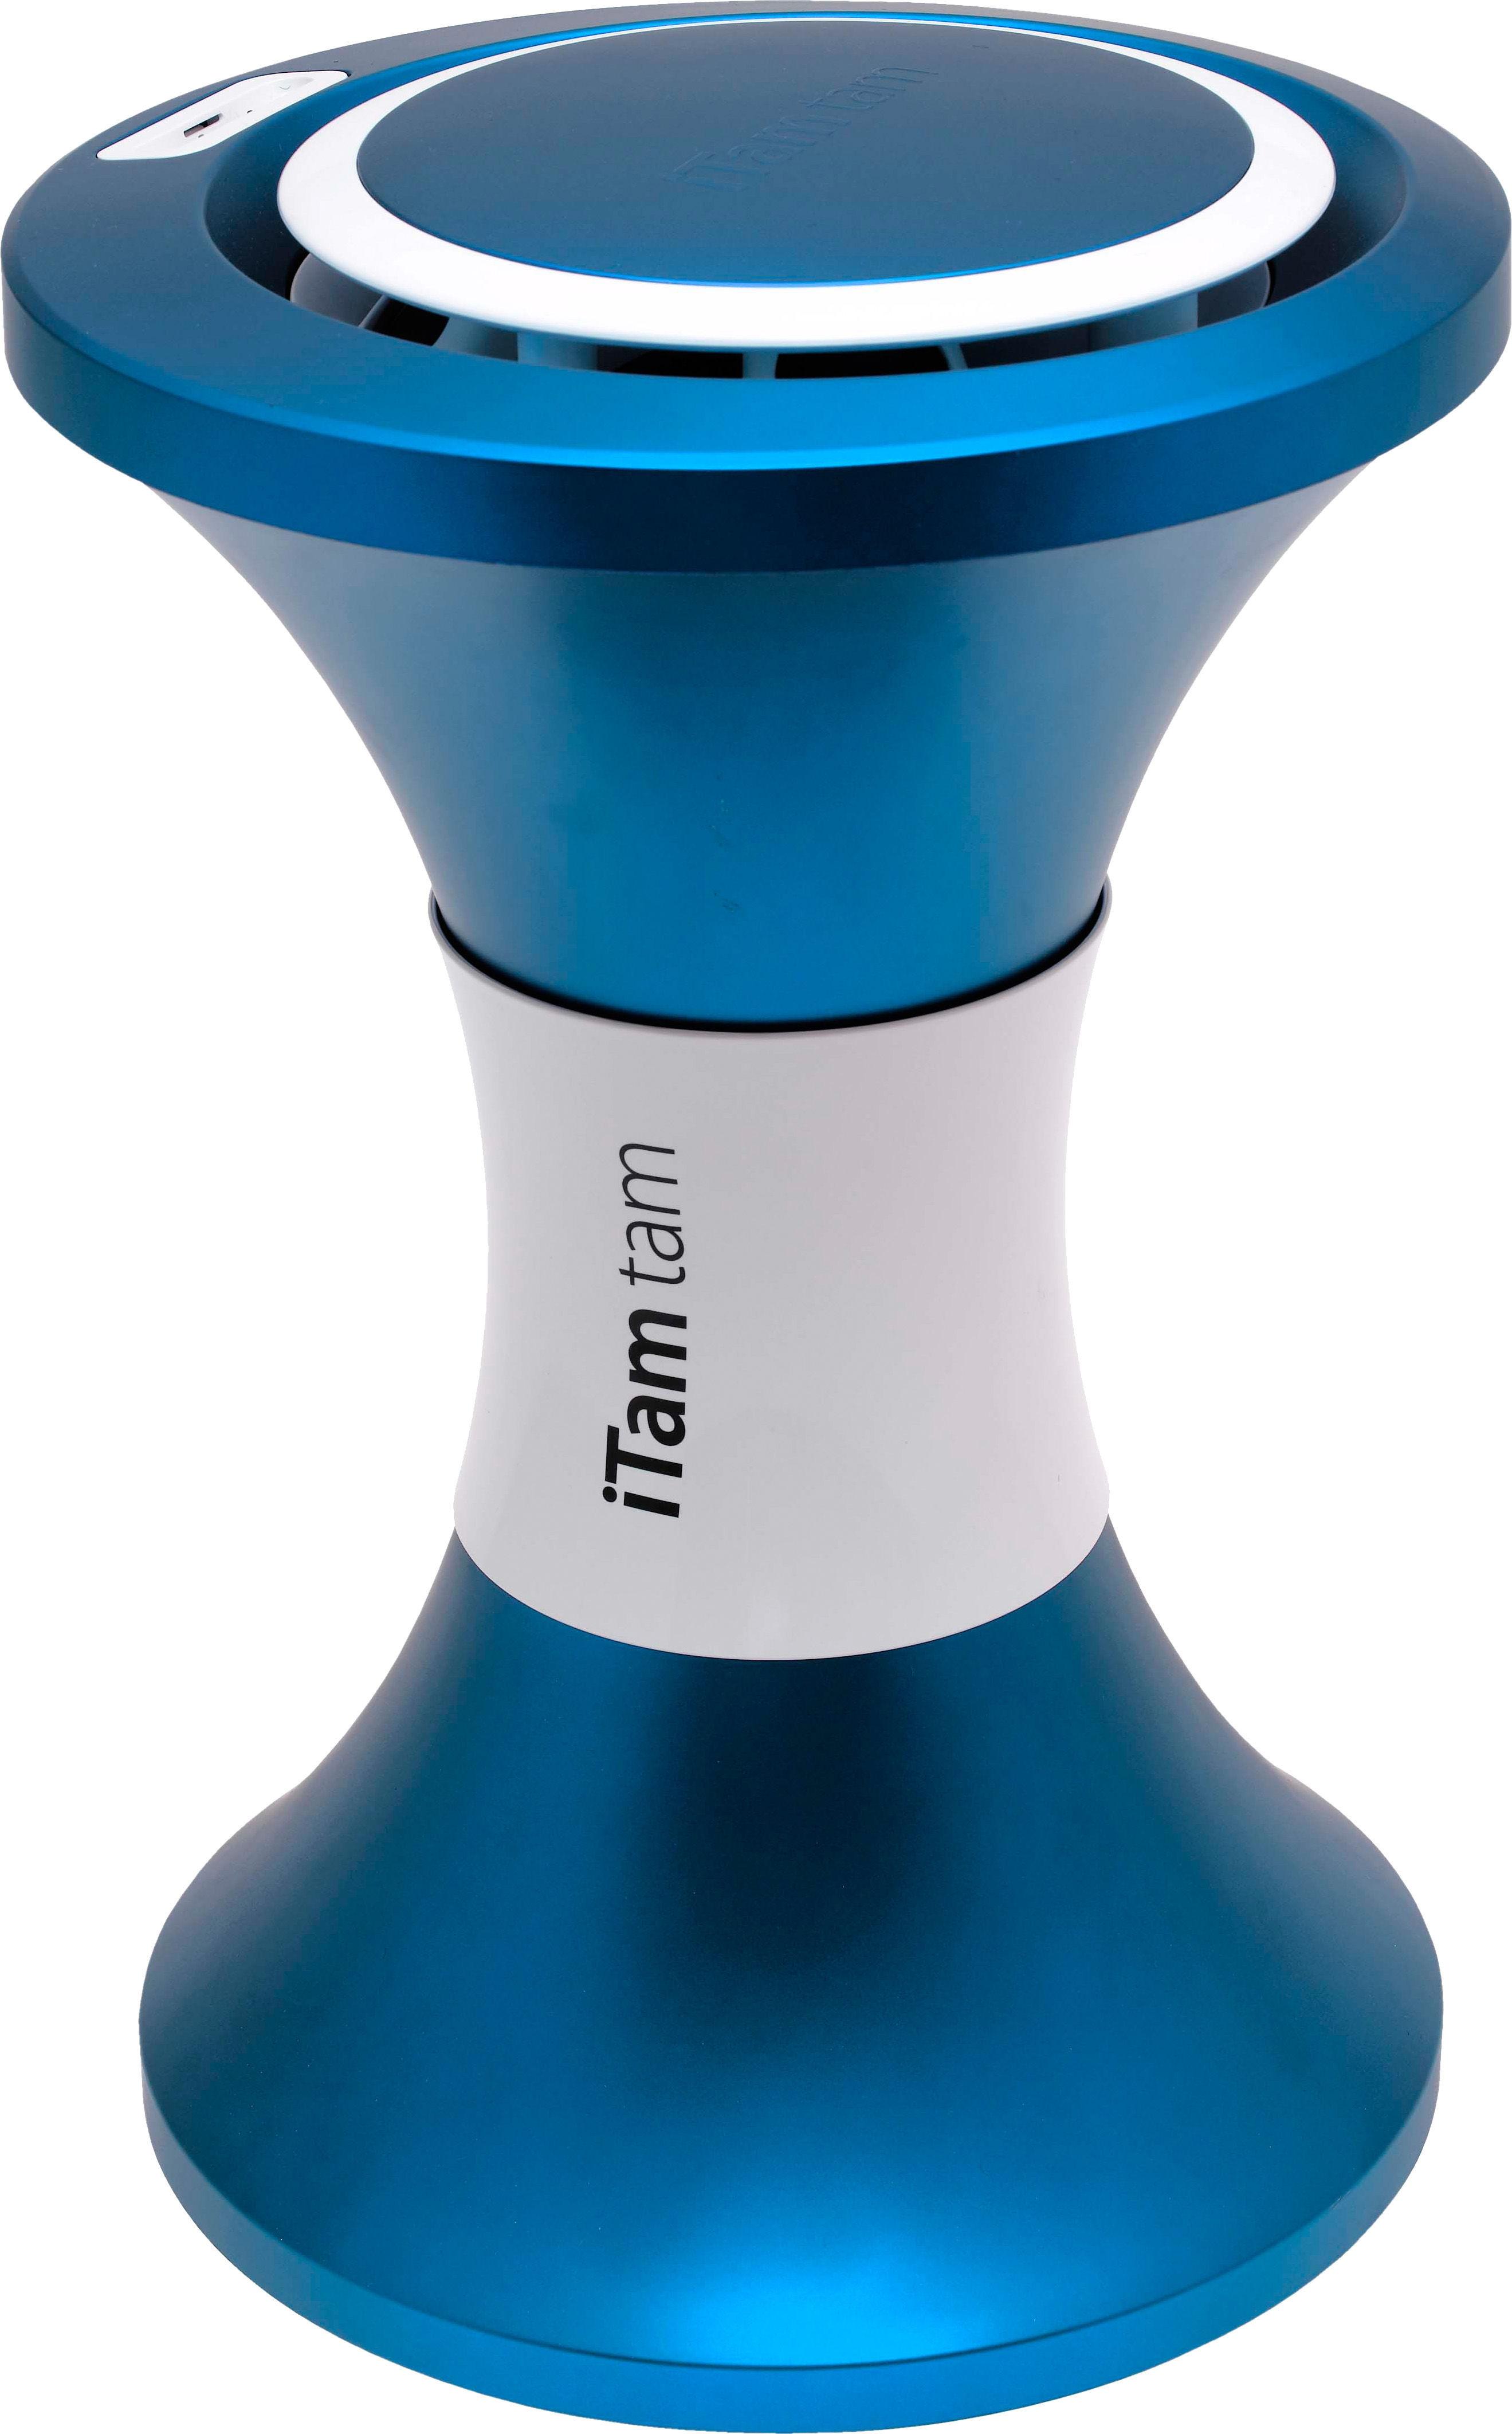 Möbel - Hocker - iTamtam Vogue M3 Ipod/ Iphone Dockingstation / kabellos - Bluetooth-Version - Stamp Edition - Blau - ABS